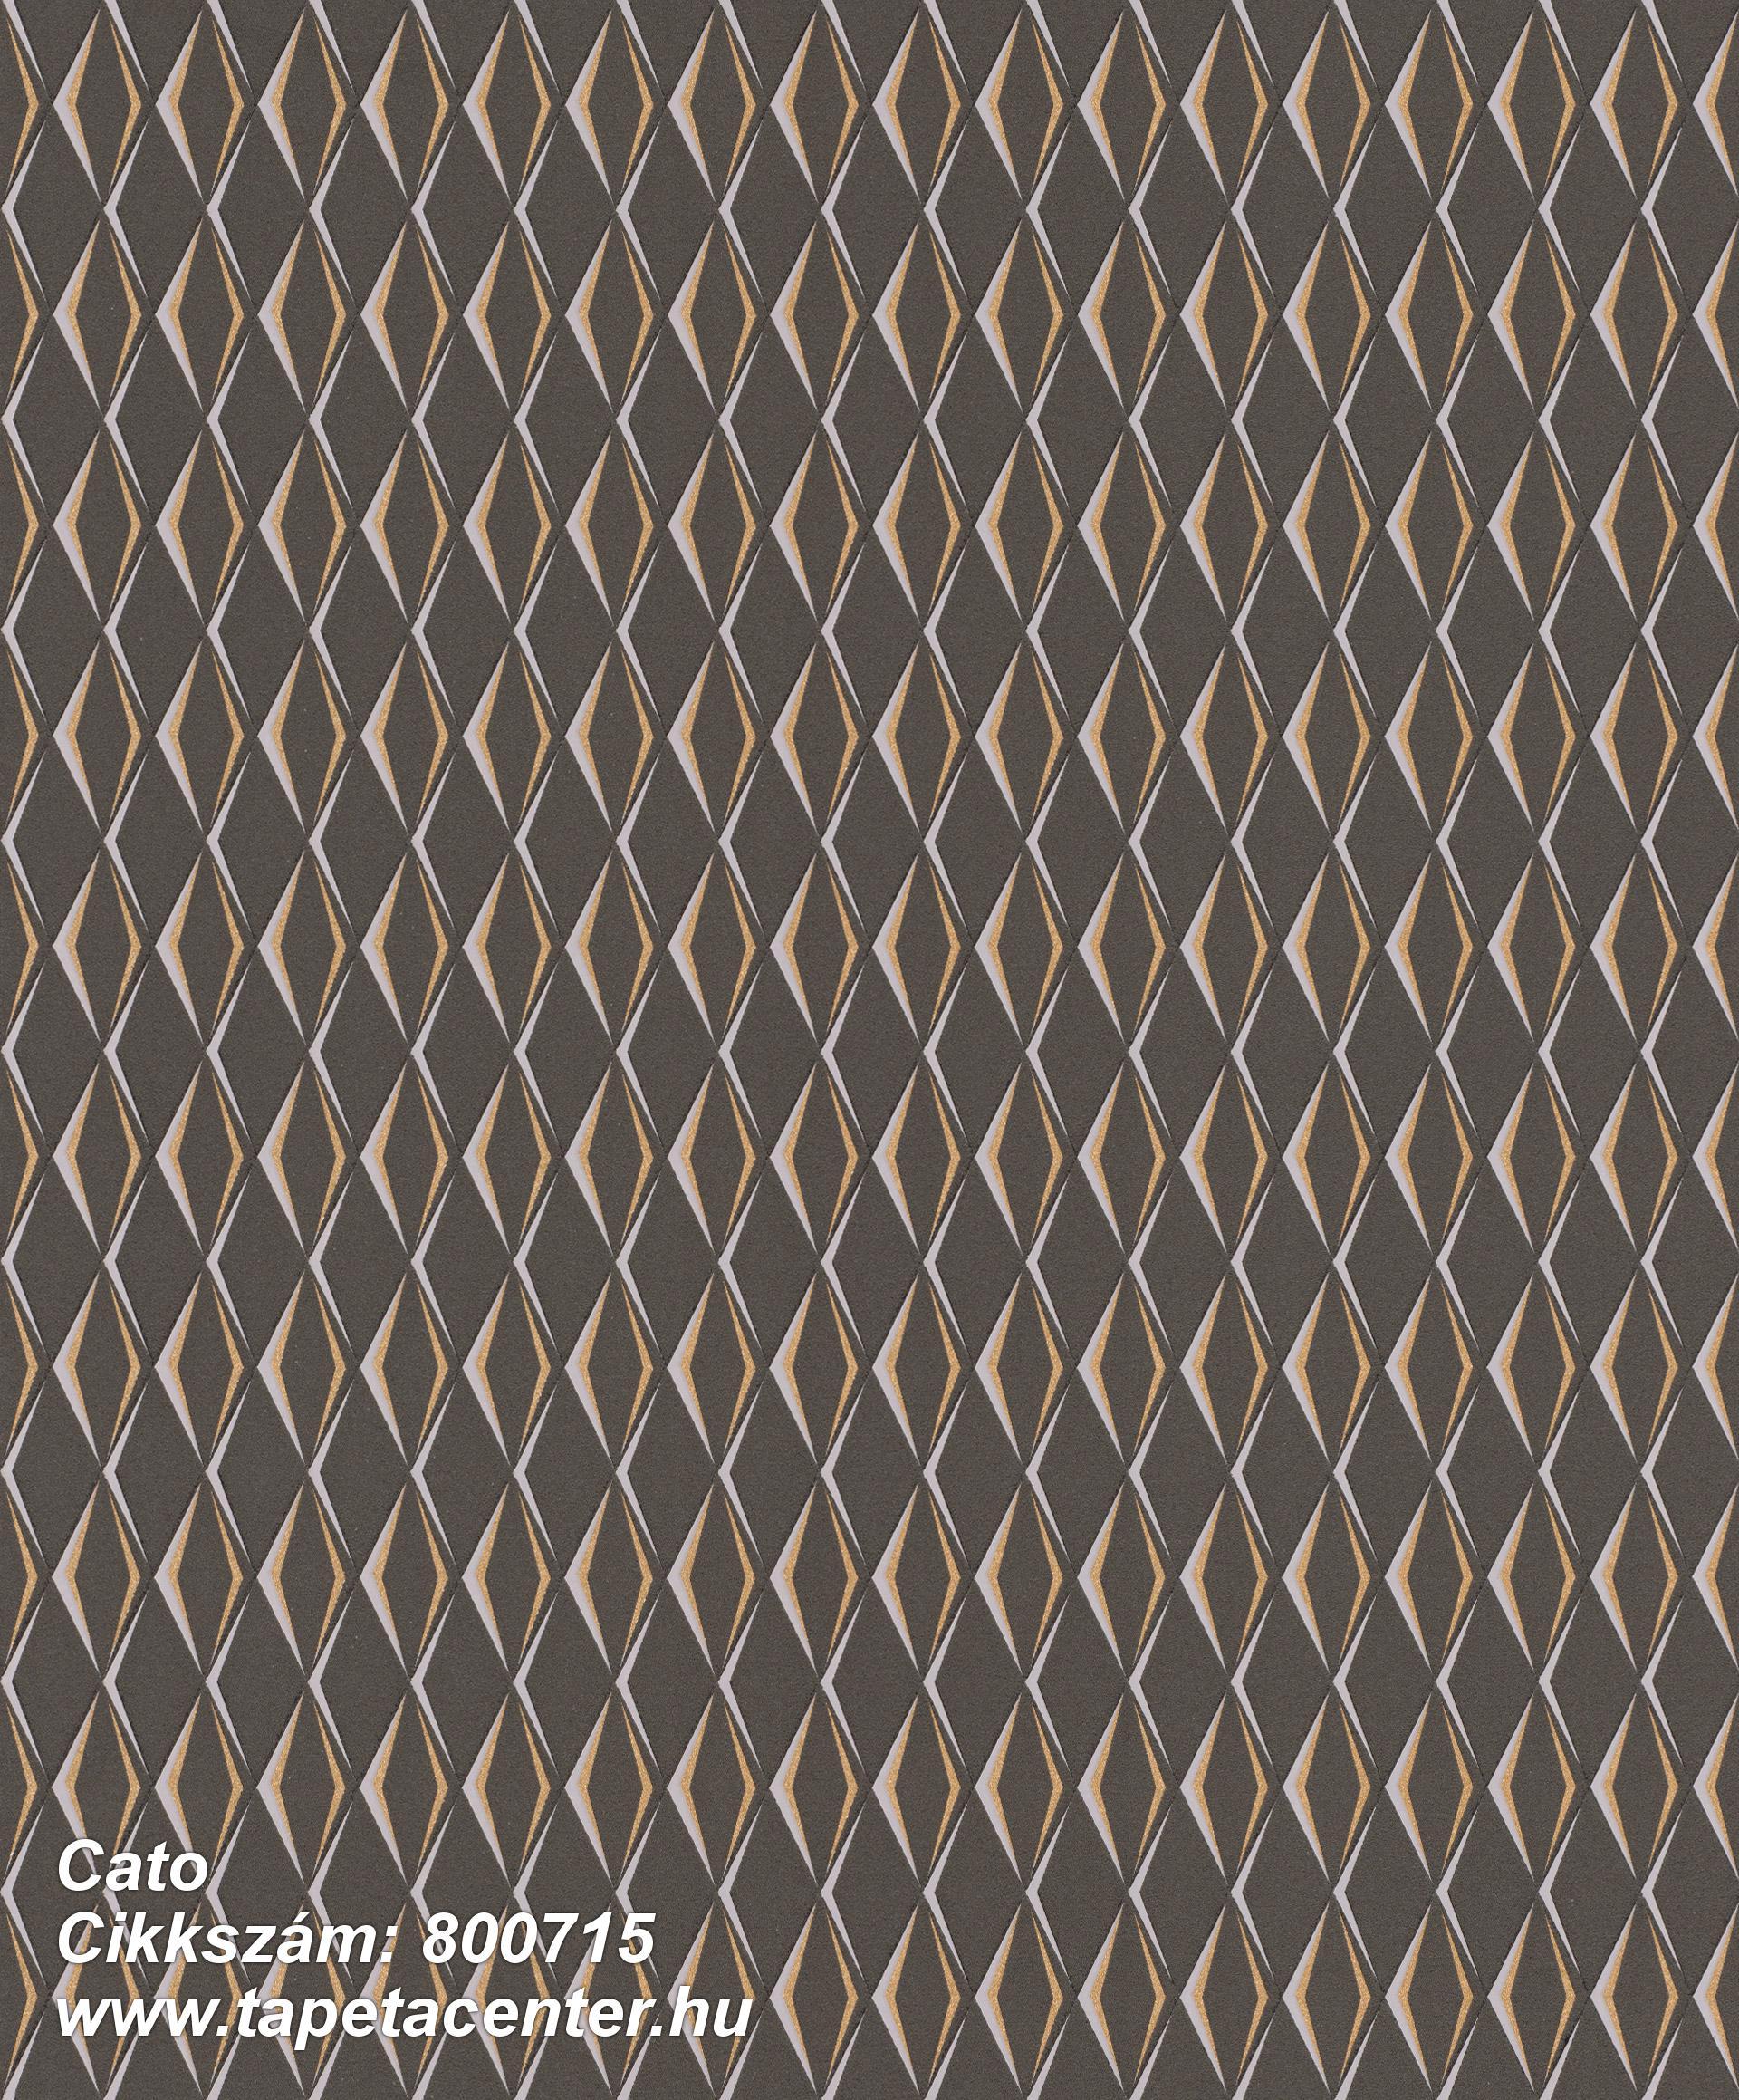 3d hatású,absztrakt,arany,barna,bézs-drapp,lemosható,vlies tapéta